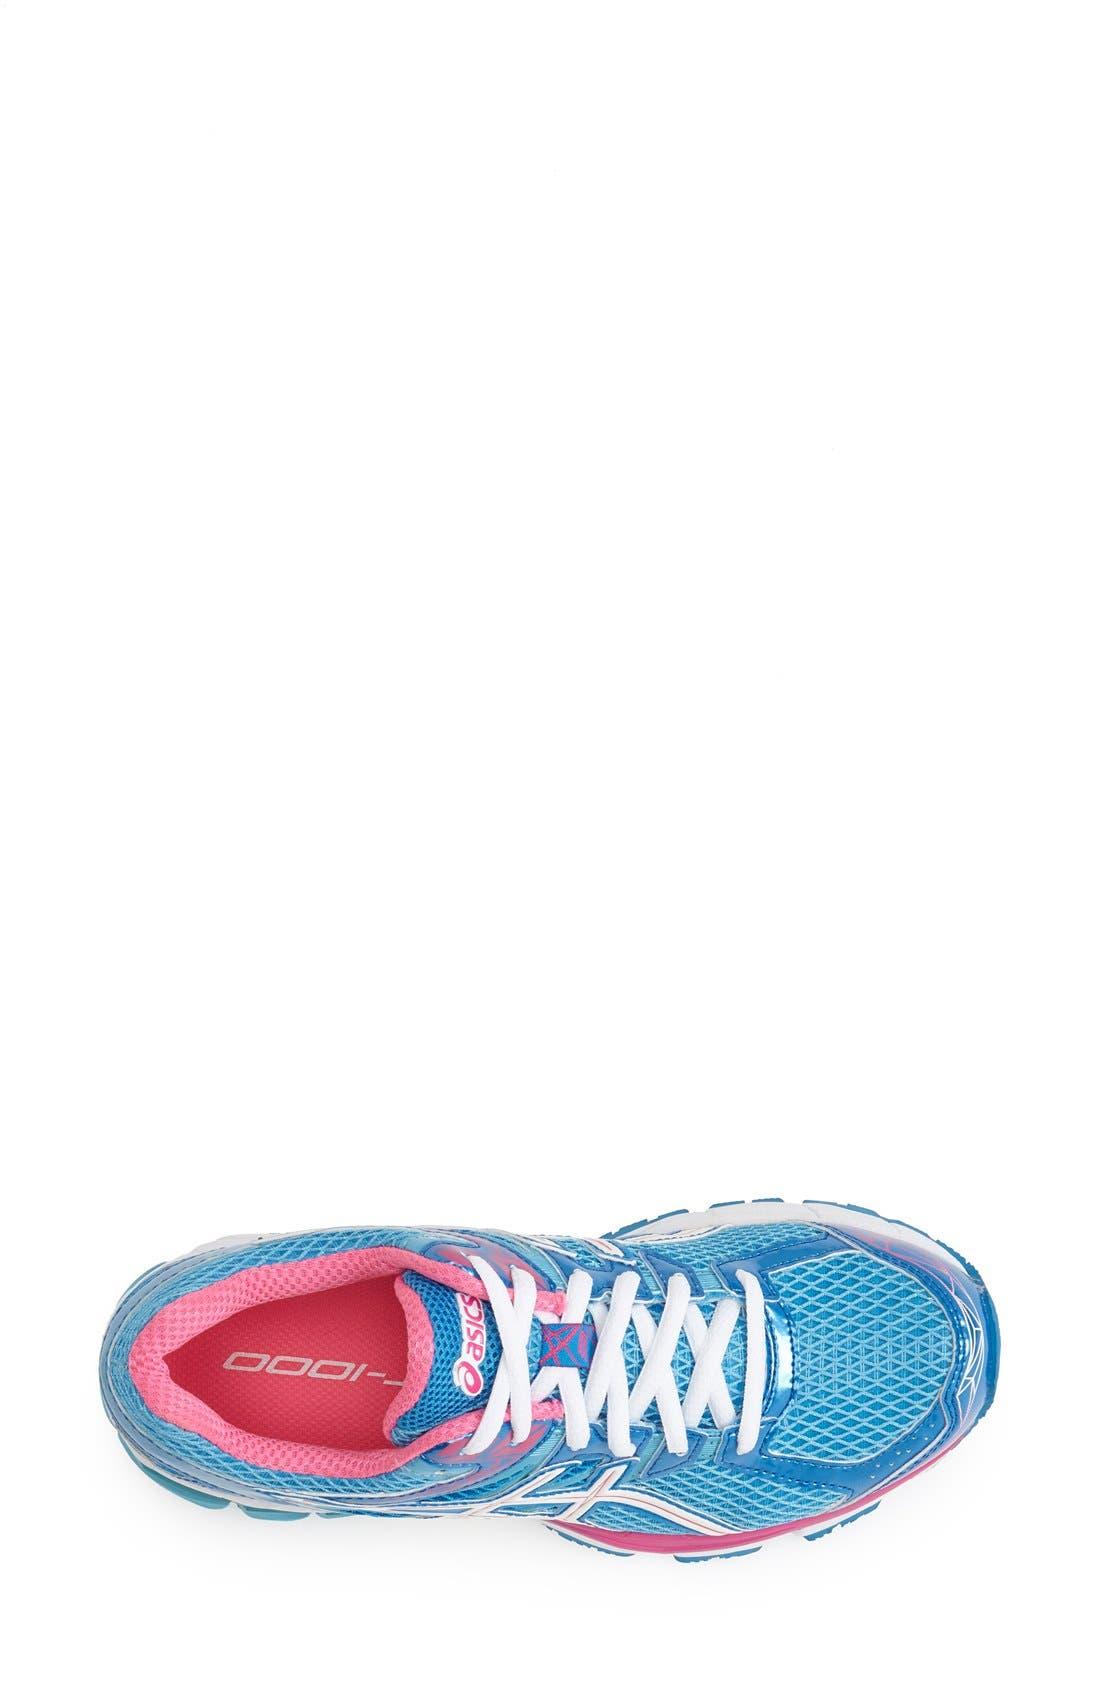 Alternate Image 3  - ASICS® 'GT-1000™ 3' Running Shoe (Women)